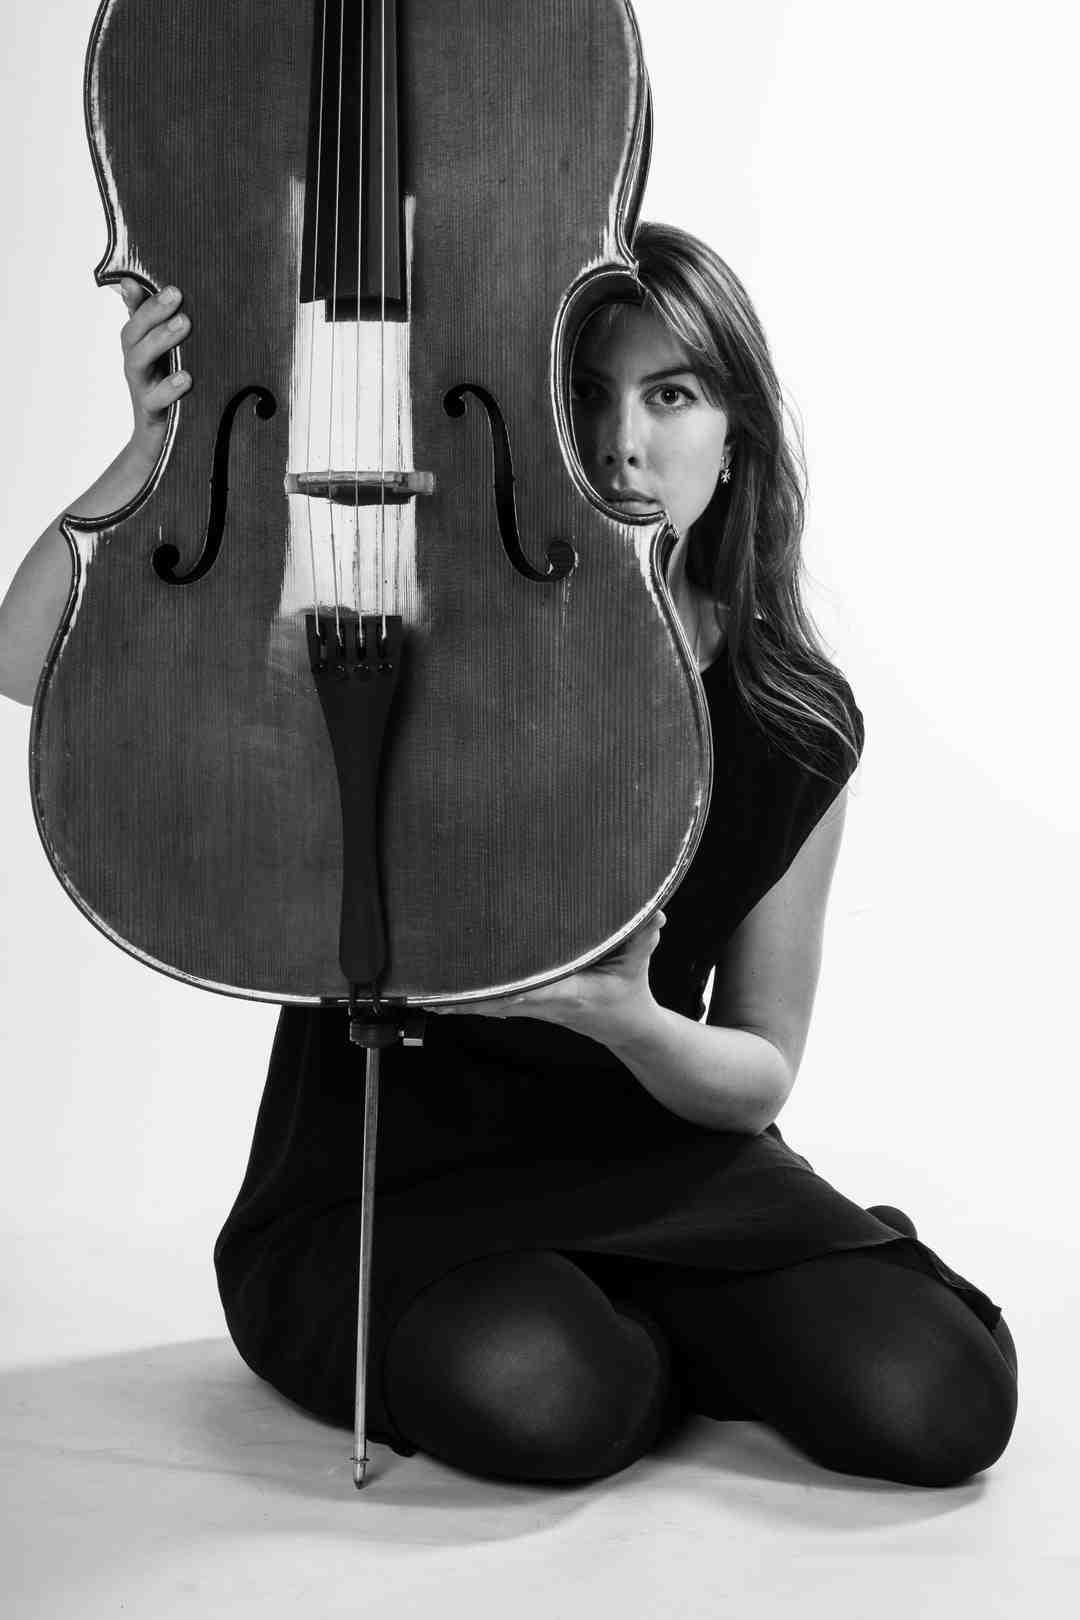 Comment mettre les cordes de guitare ?